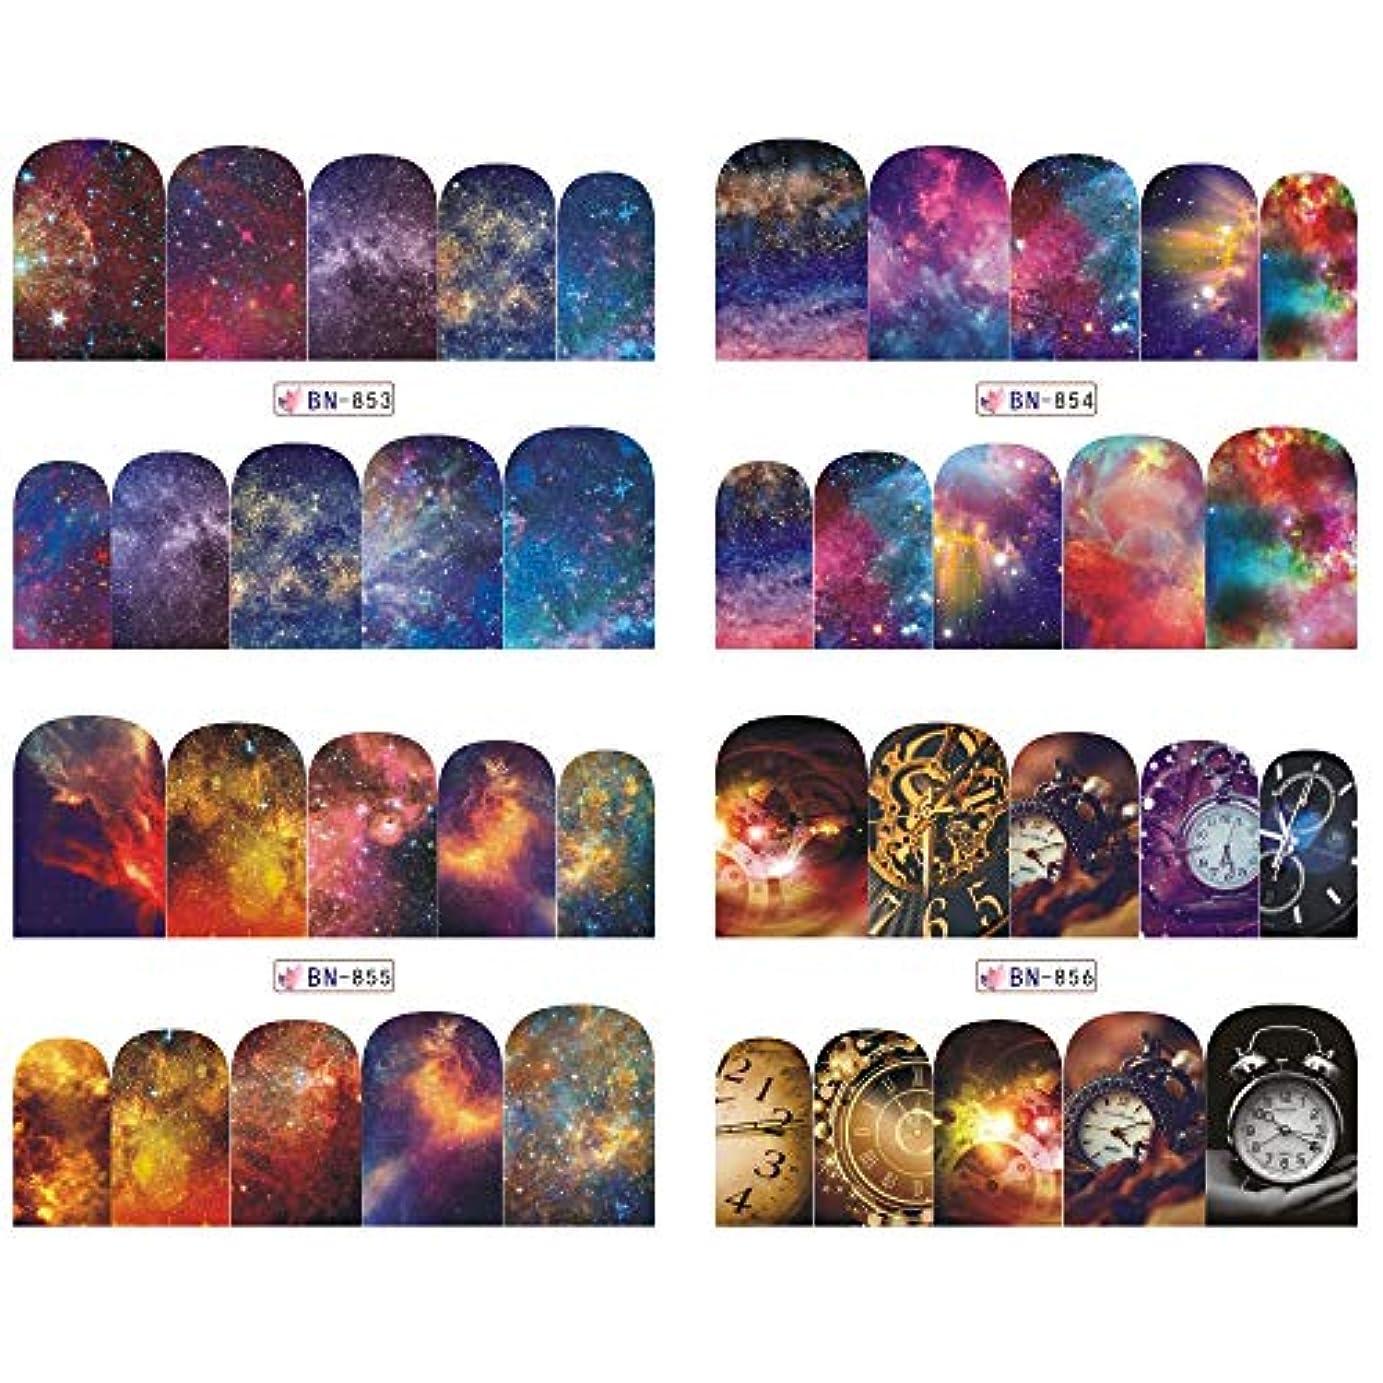 医薬品仕方私SUKTI&XIAO ネイルステッカー 12デザインネイルアートデカールウォーターステッカー夏の星の花シーシェル透かし用スライダーマニキュア装飾のヒント